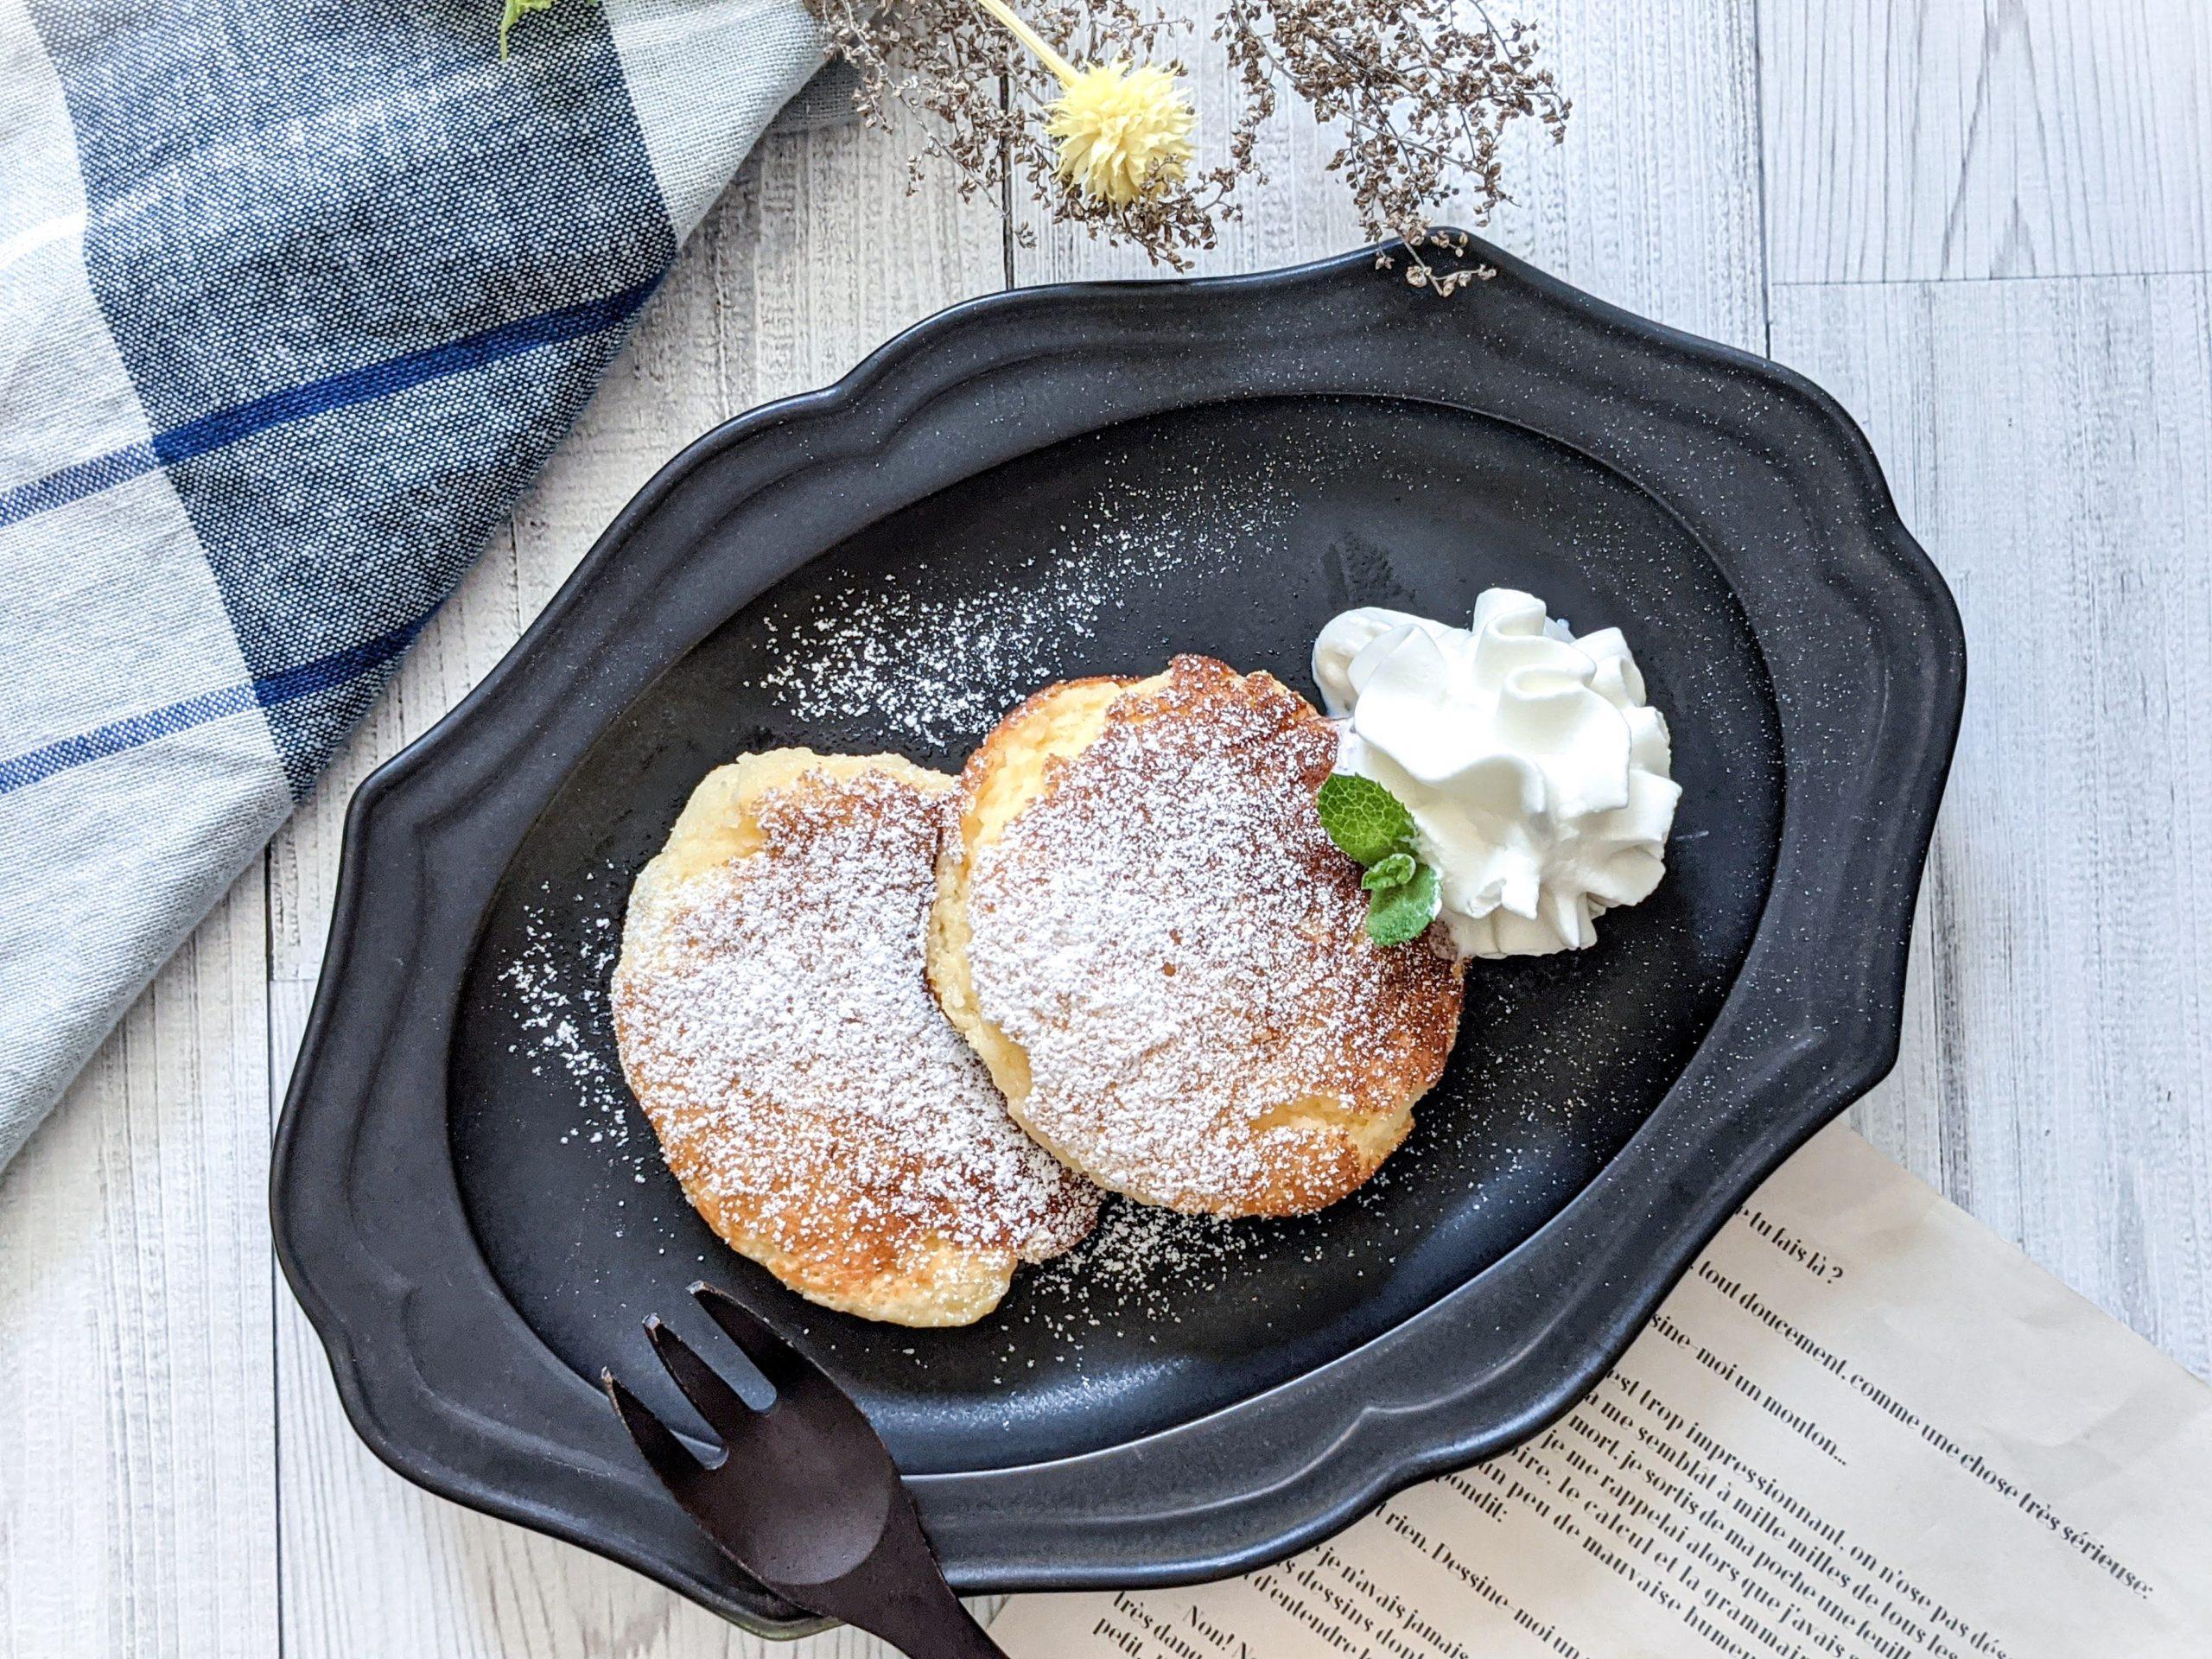 ふわふわスフレパンケーキ 簡単レシピ チーズケーキ風